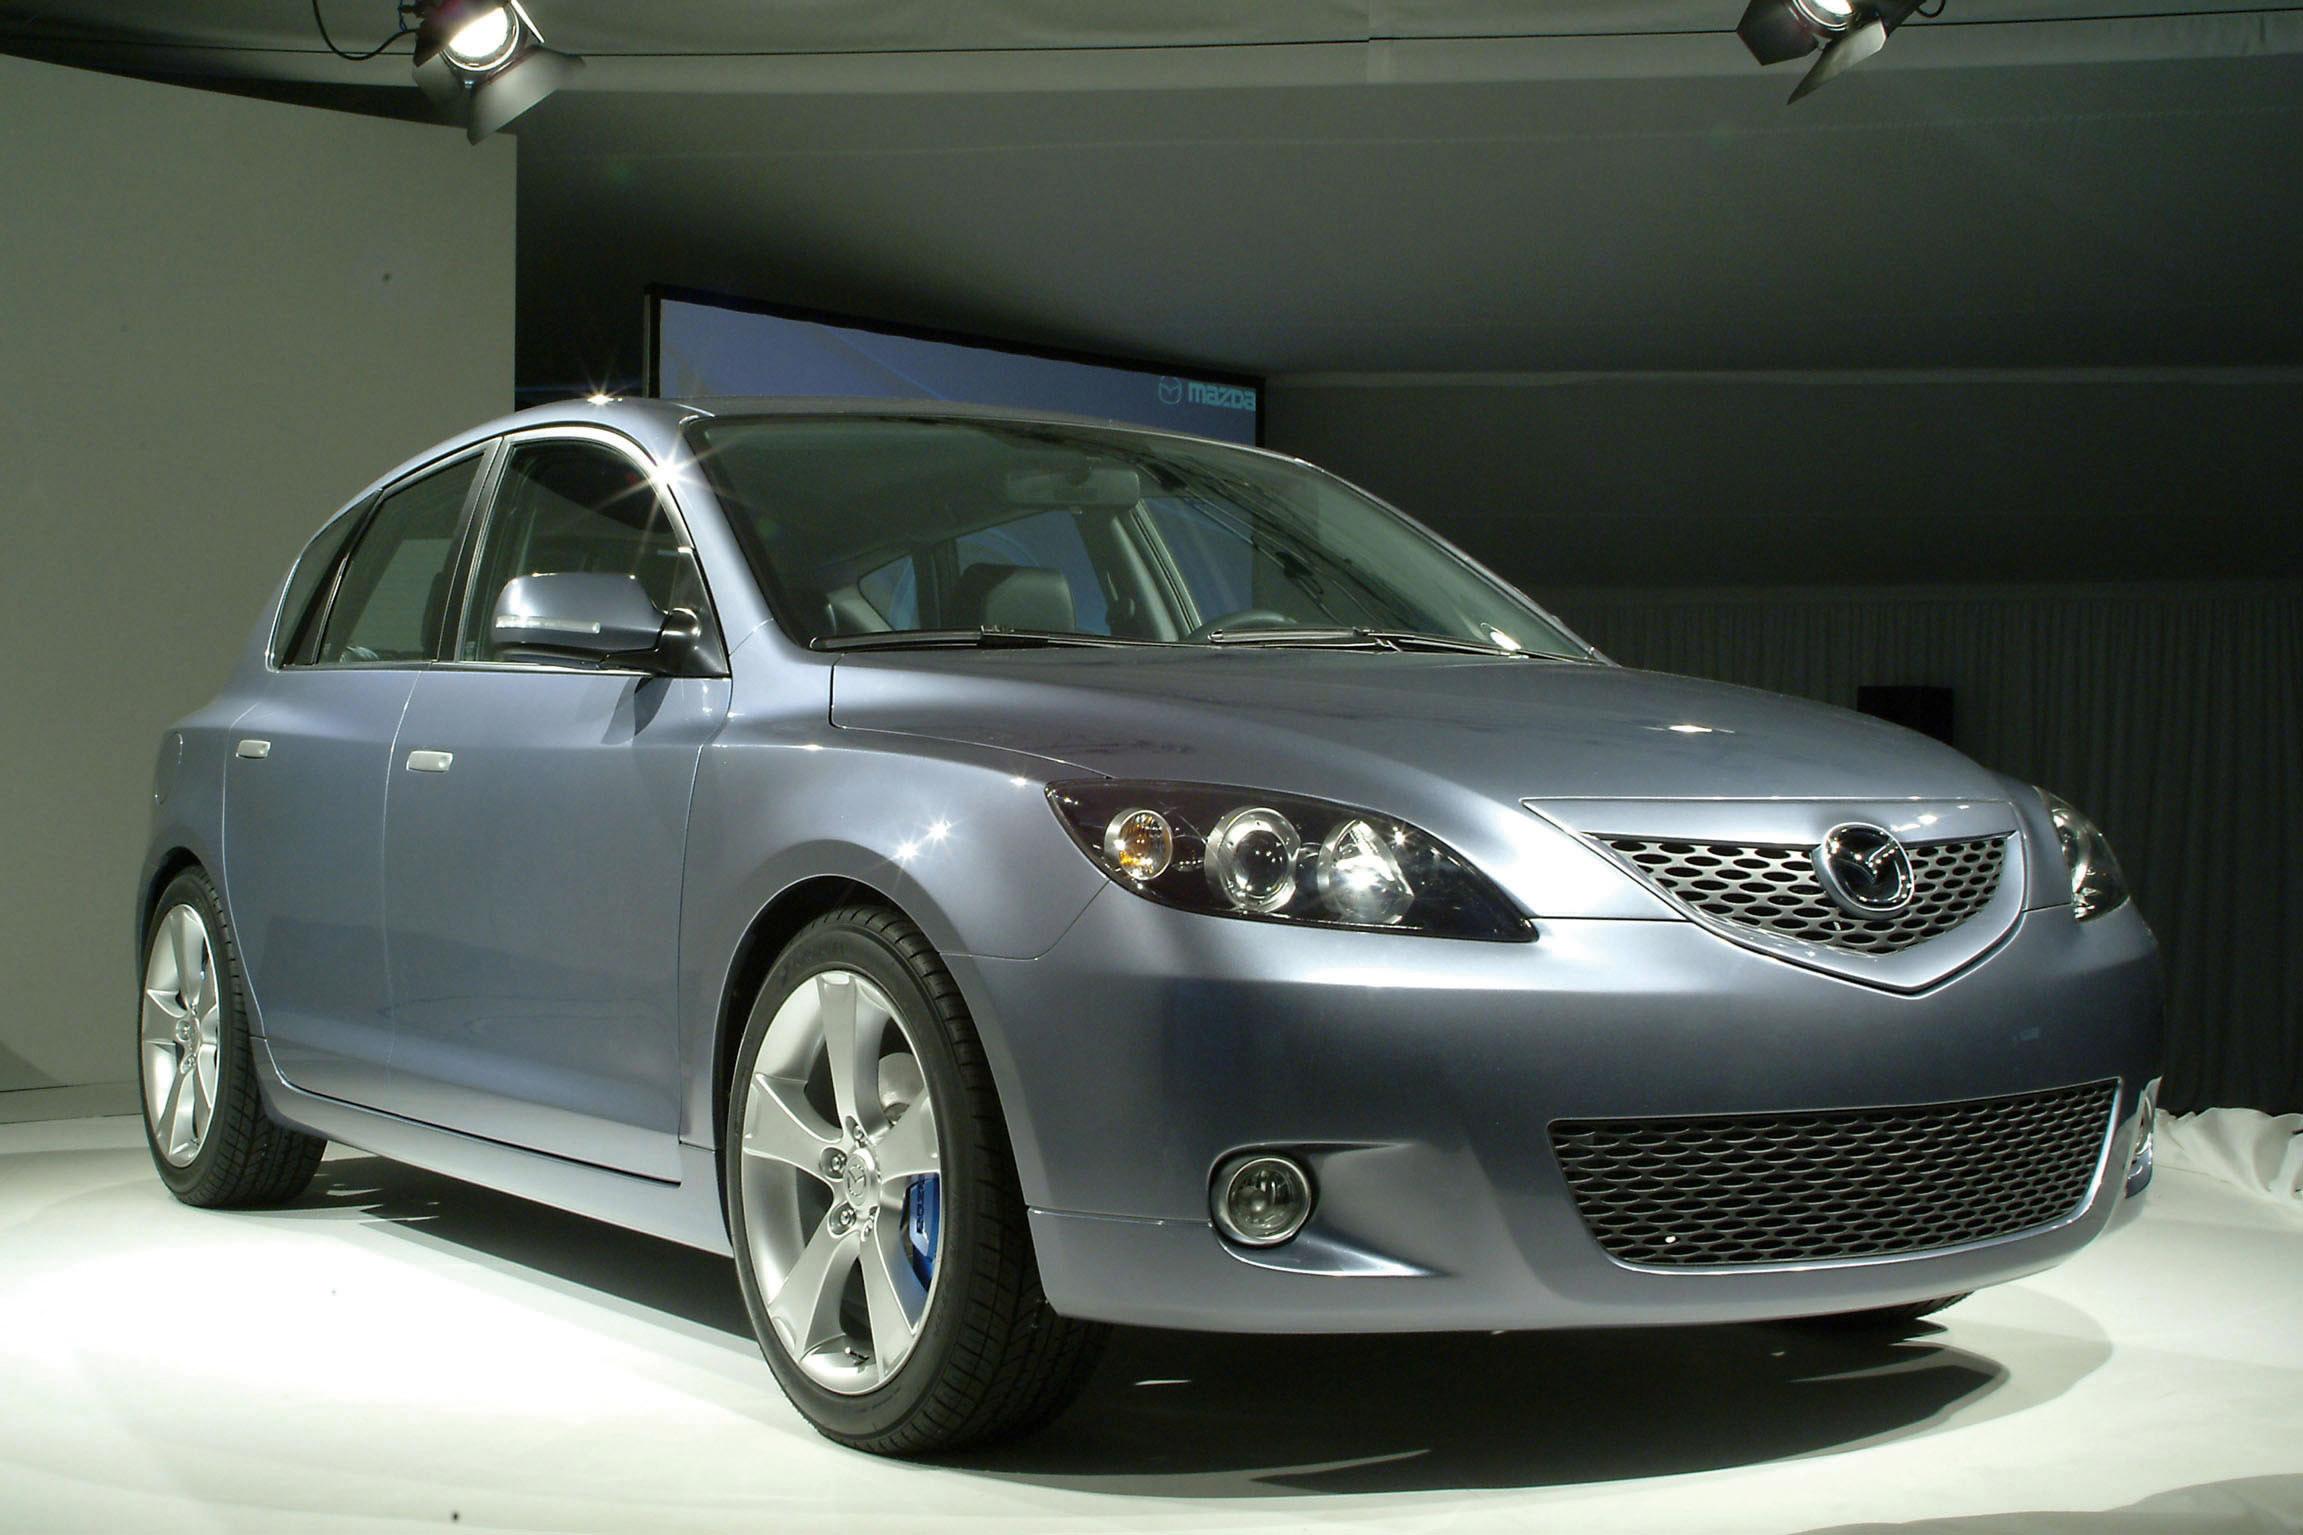 https://www.automobilesreview.com/img/2003-mazda-mx-sportif-concept/2003-mazda-mx-sportif-concept-07.jpg